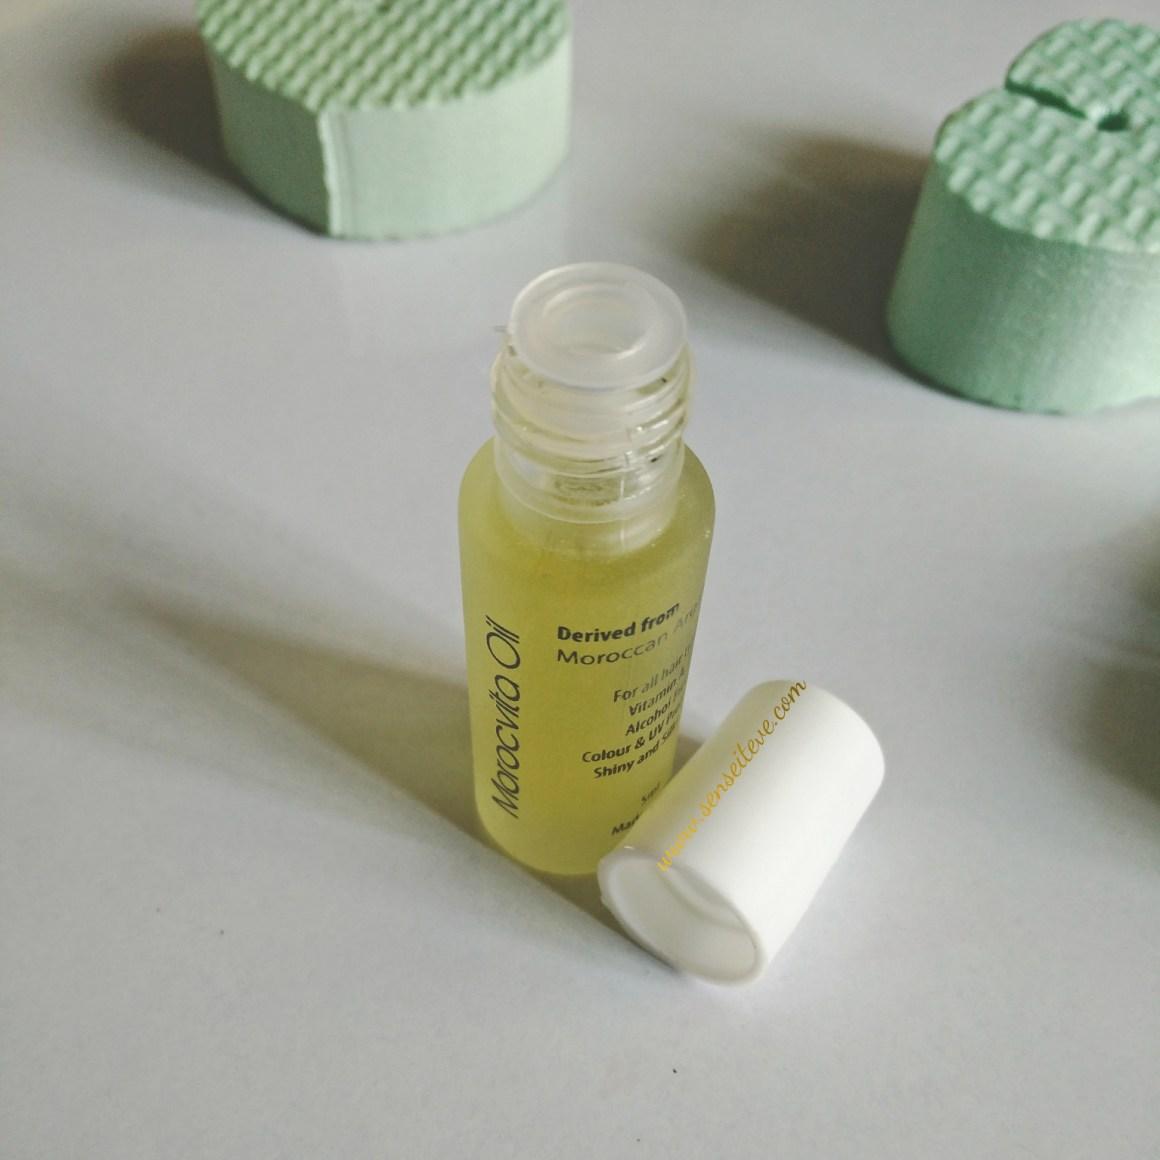 Roots Professional Morocvita Argan Oil Sample Packaging